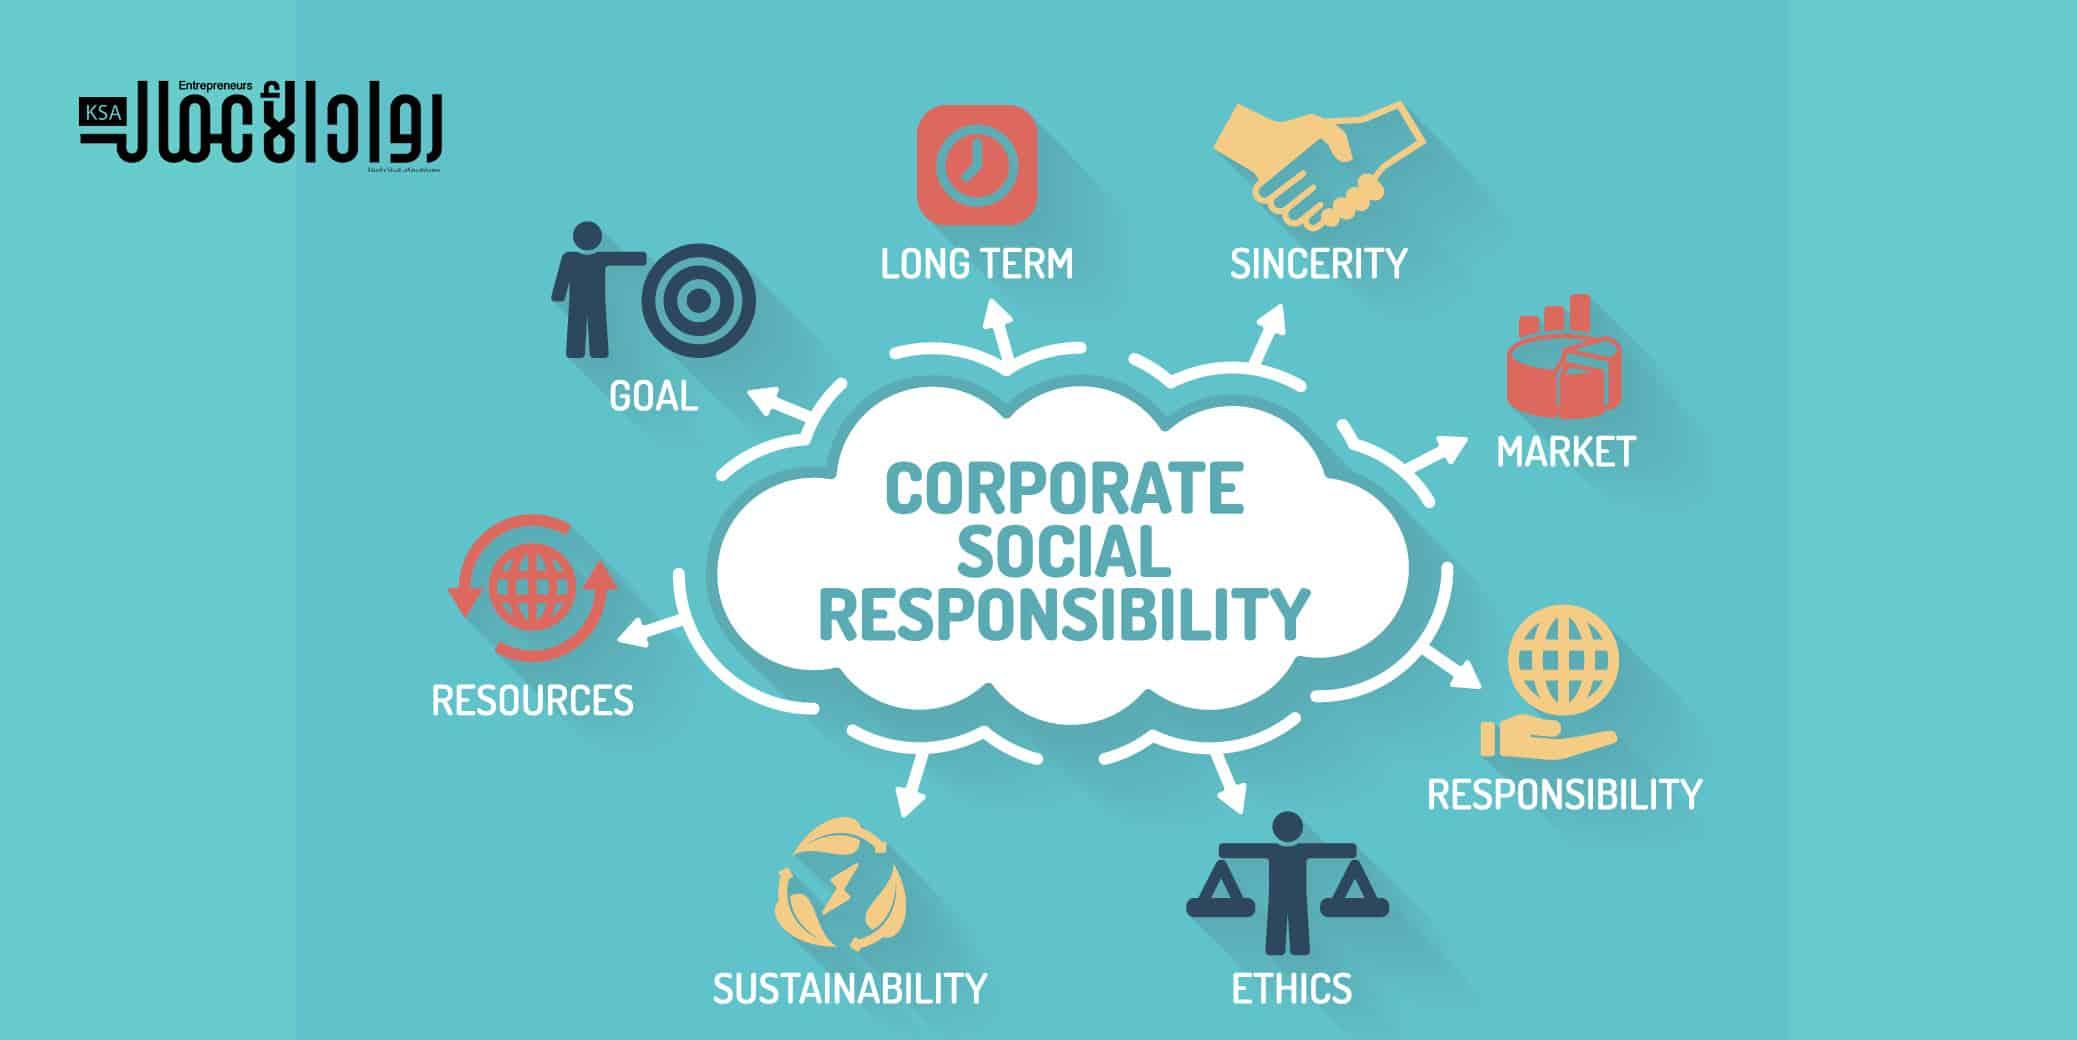 المسؤولية الاجتماعية المهنية